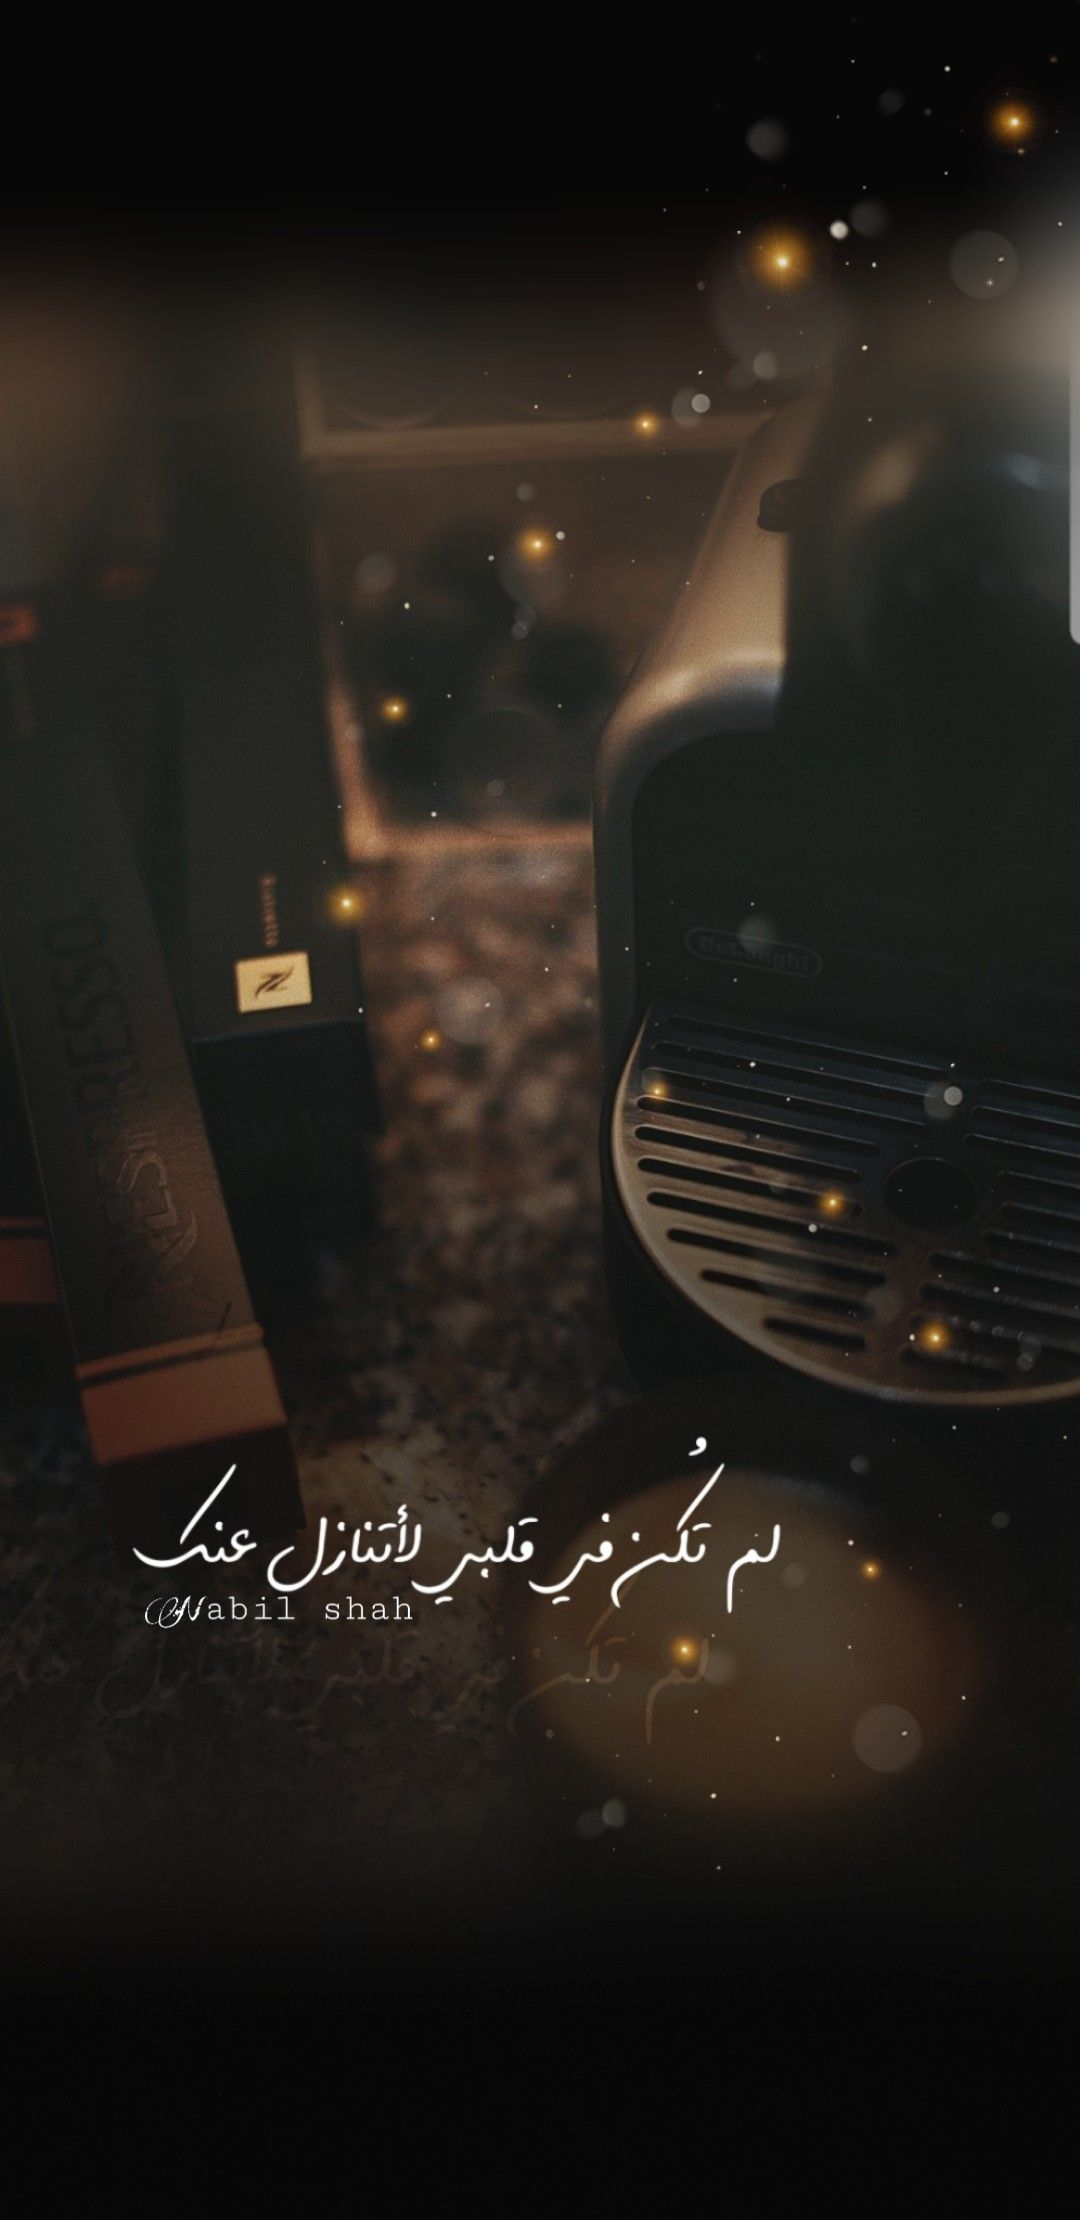 لم تكن في قلبي لأتنازل عنك نبيل شاه Nabil Shah شعر ادب خواطر اقتباسات خاطرة عربي بالعربي اقتباس كل Screenshots Movie Posters Lockscreen Screenshot